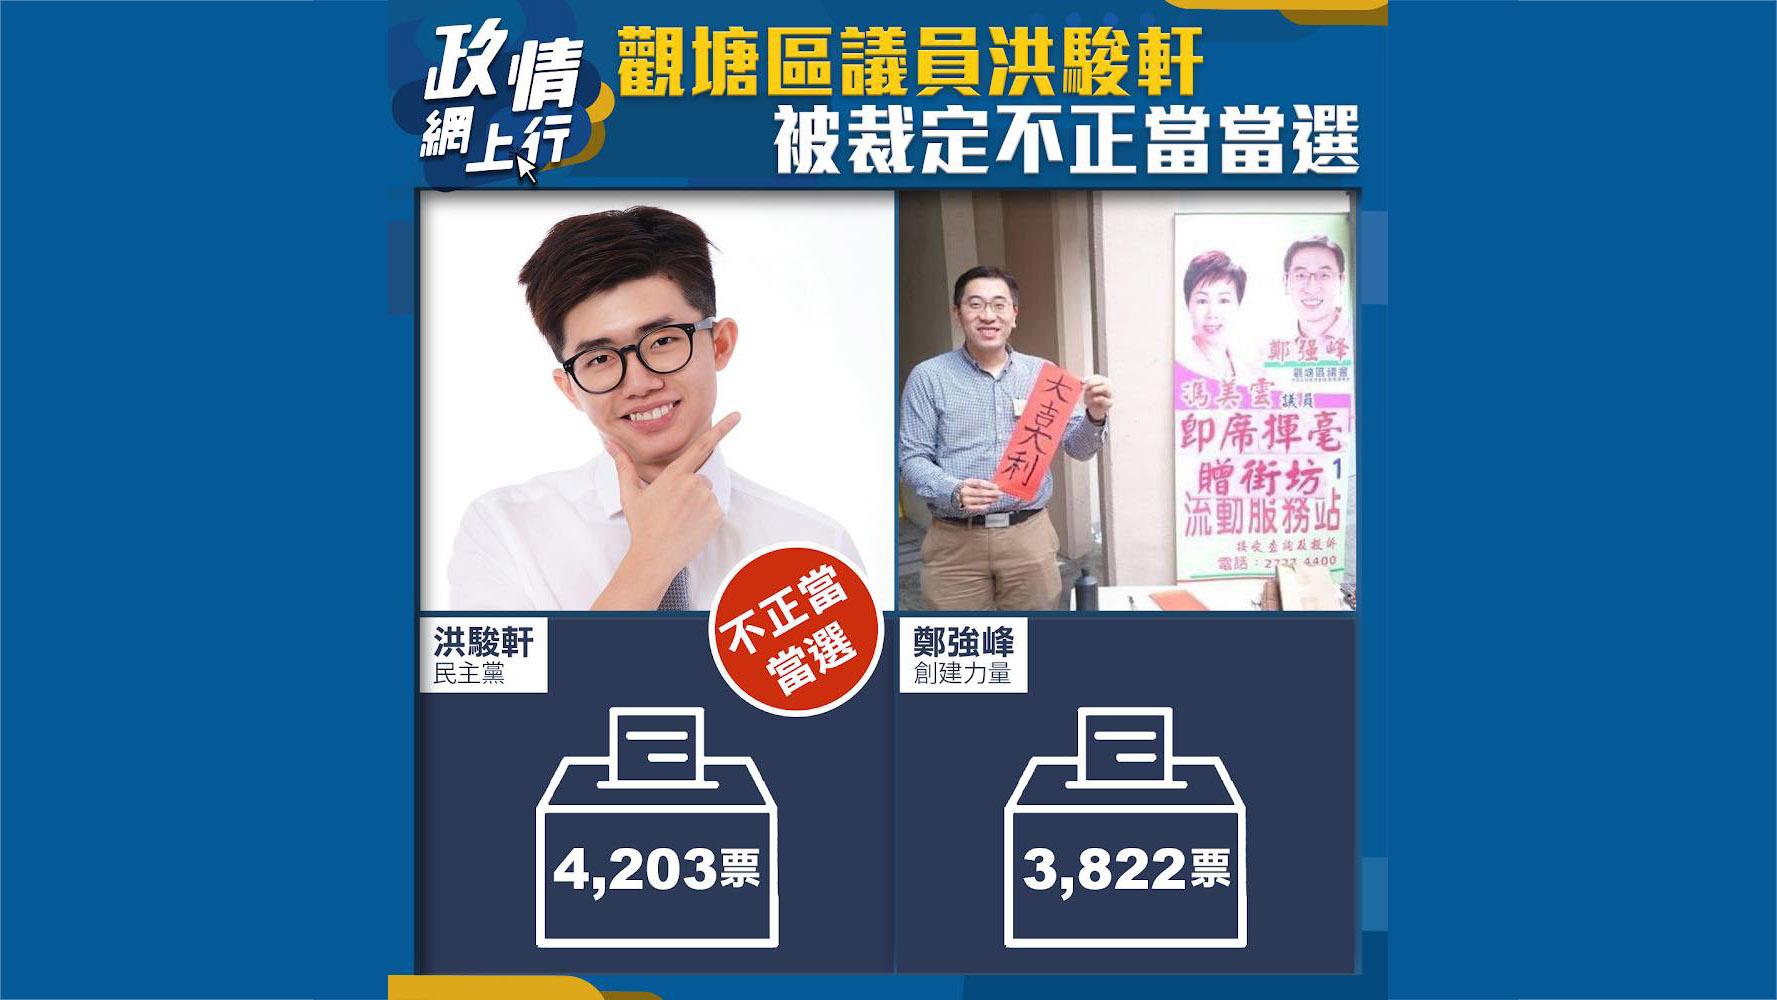 【政情網上行】觀塘區議員洪駿軒被裁定不正當當選